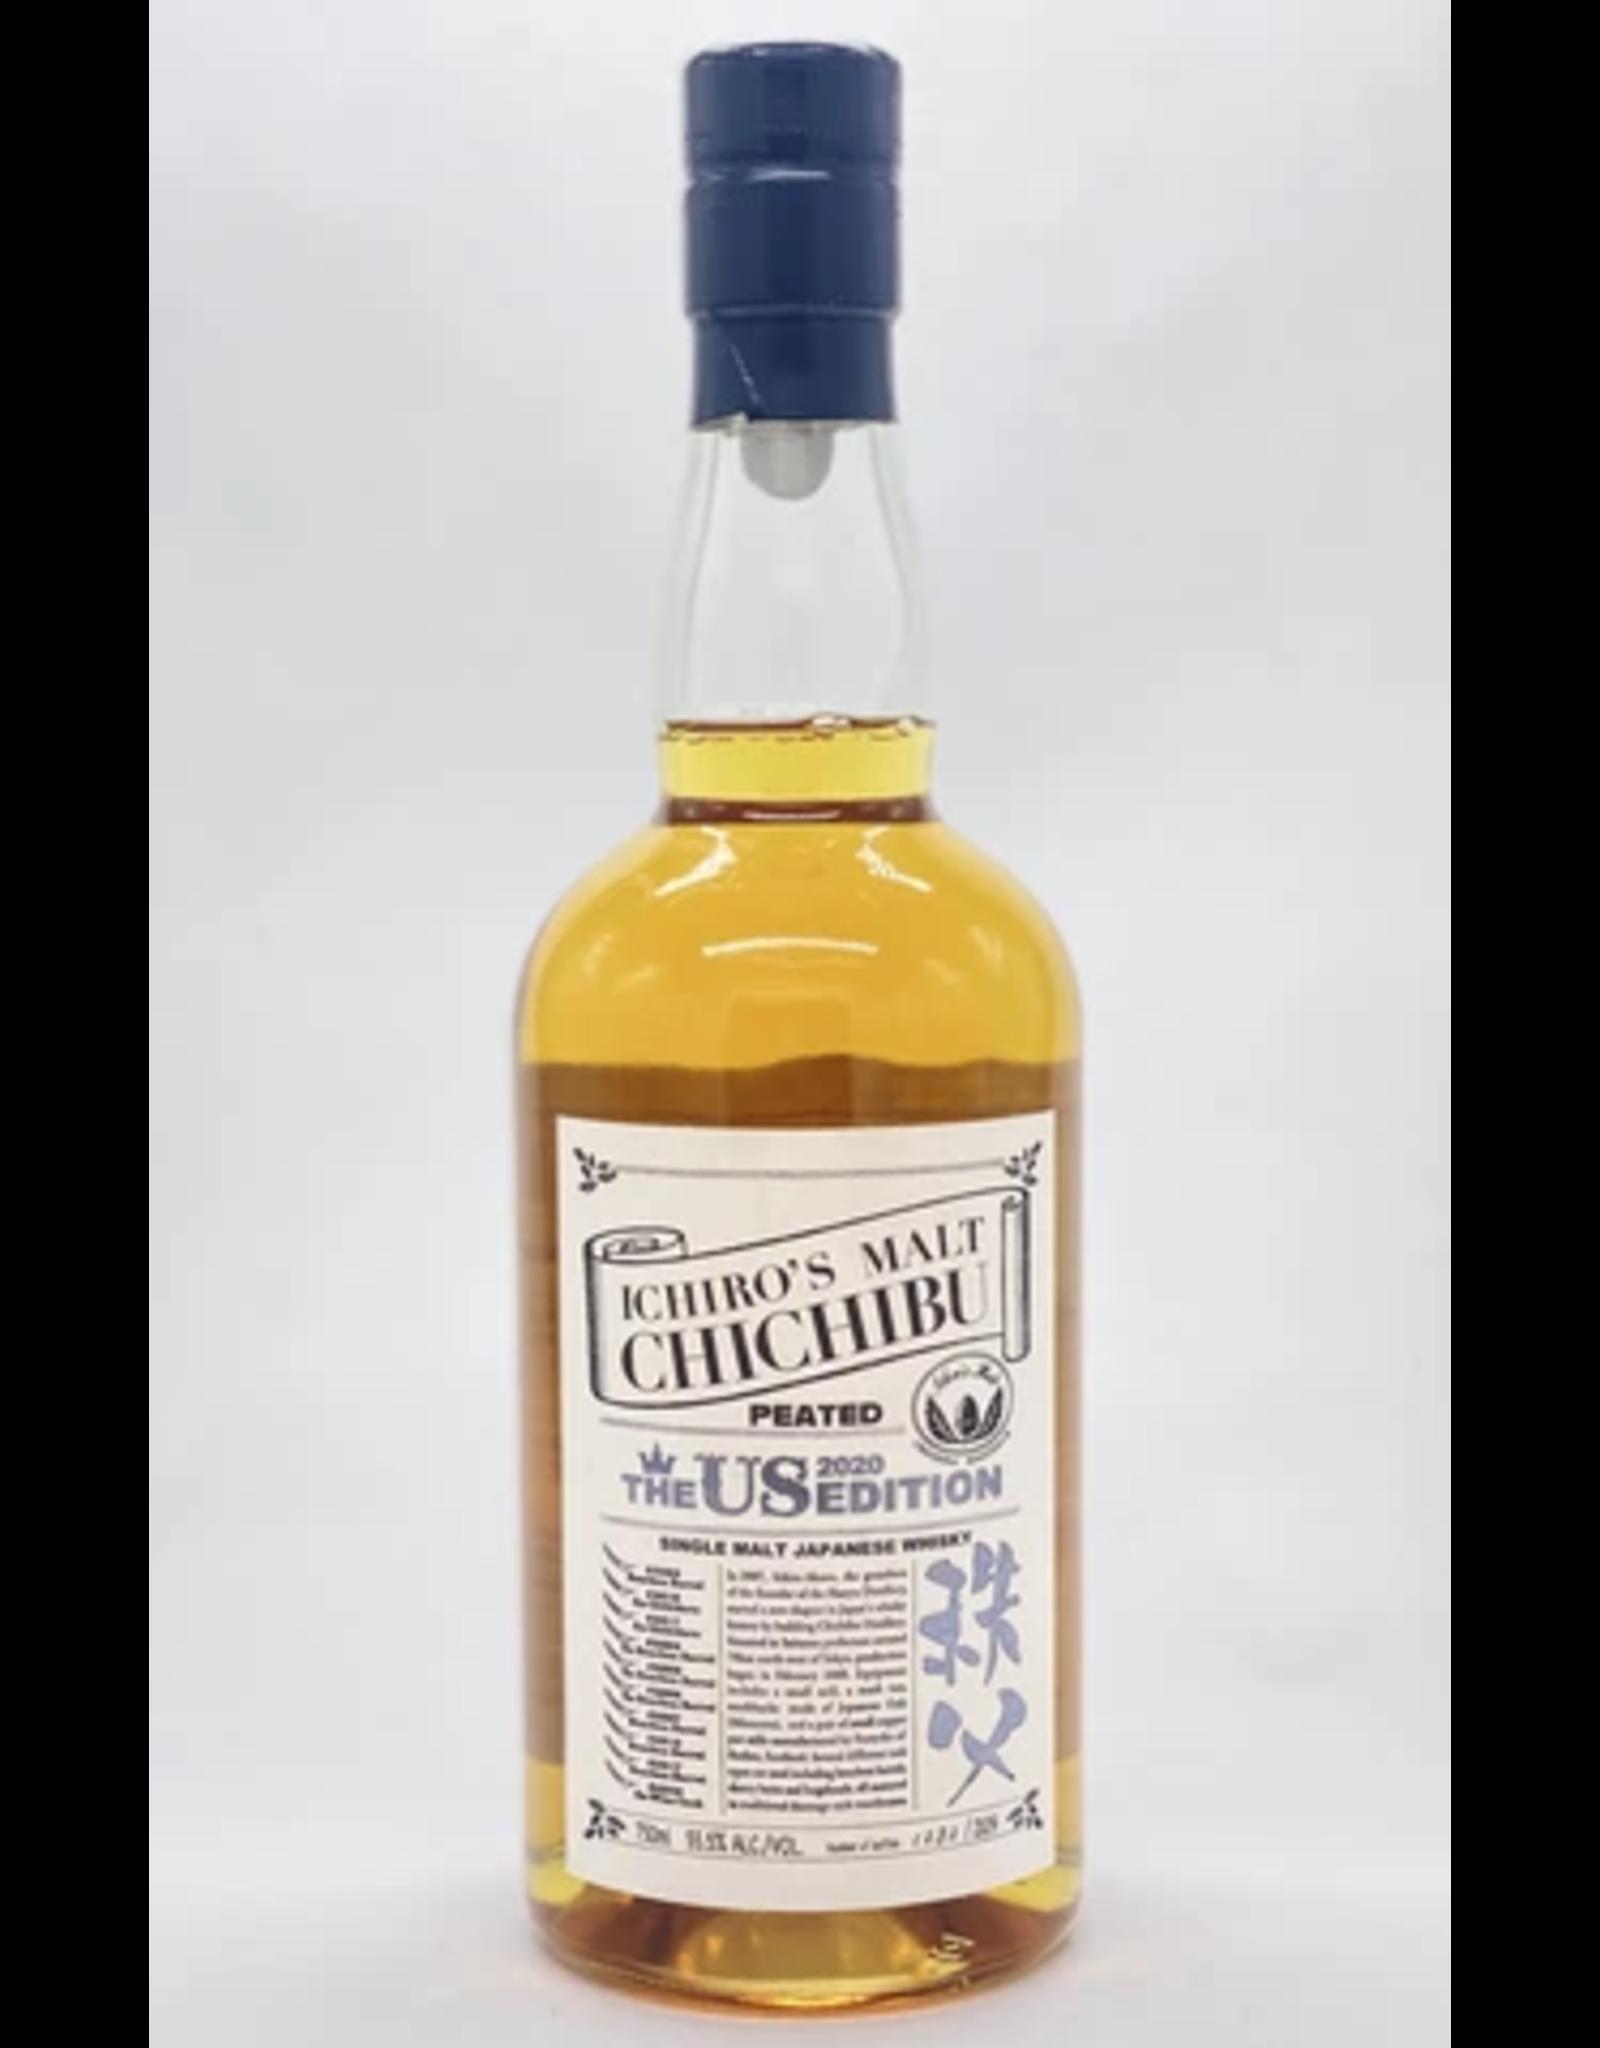 Ichiro's Ichiro's Malt Chichibu Peated The US Edition Single Malt Japanese Whisky 2020